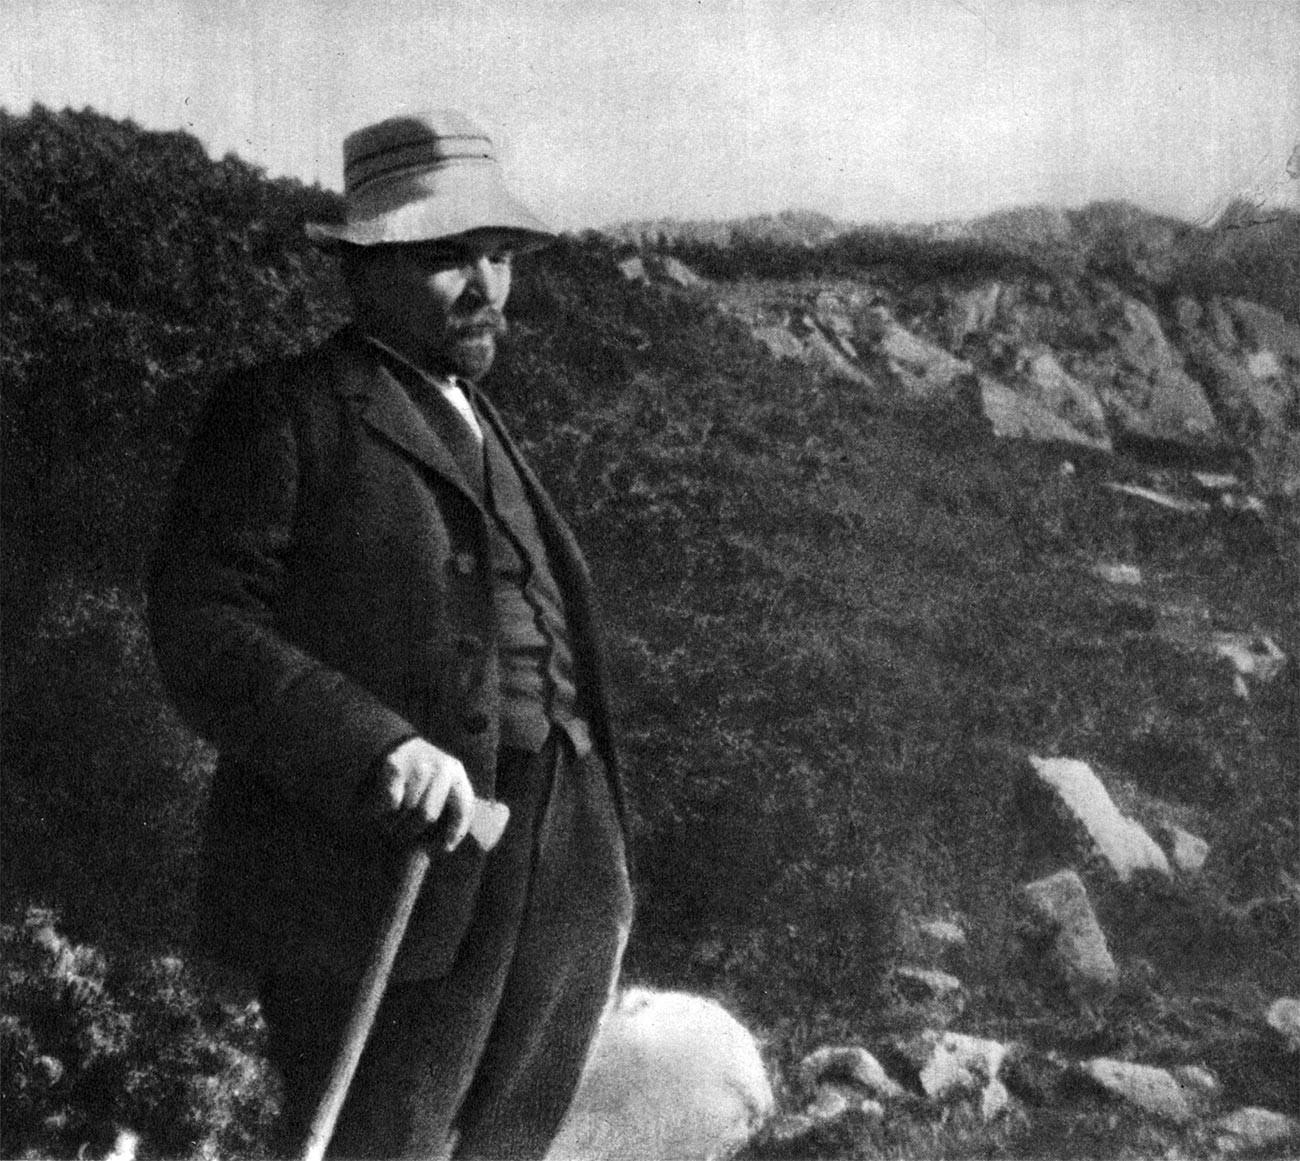 Vladimir Lenin in Zakopane, Poland, 1914